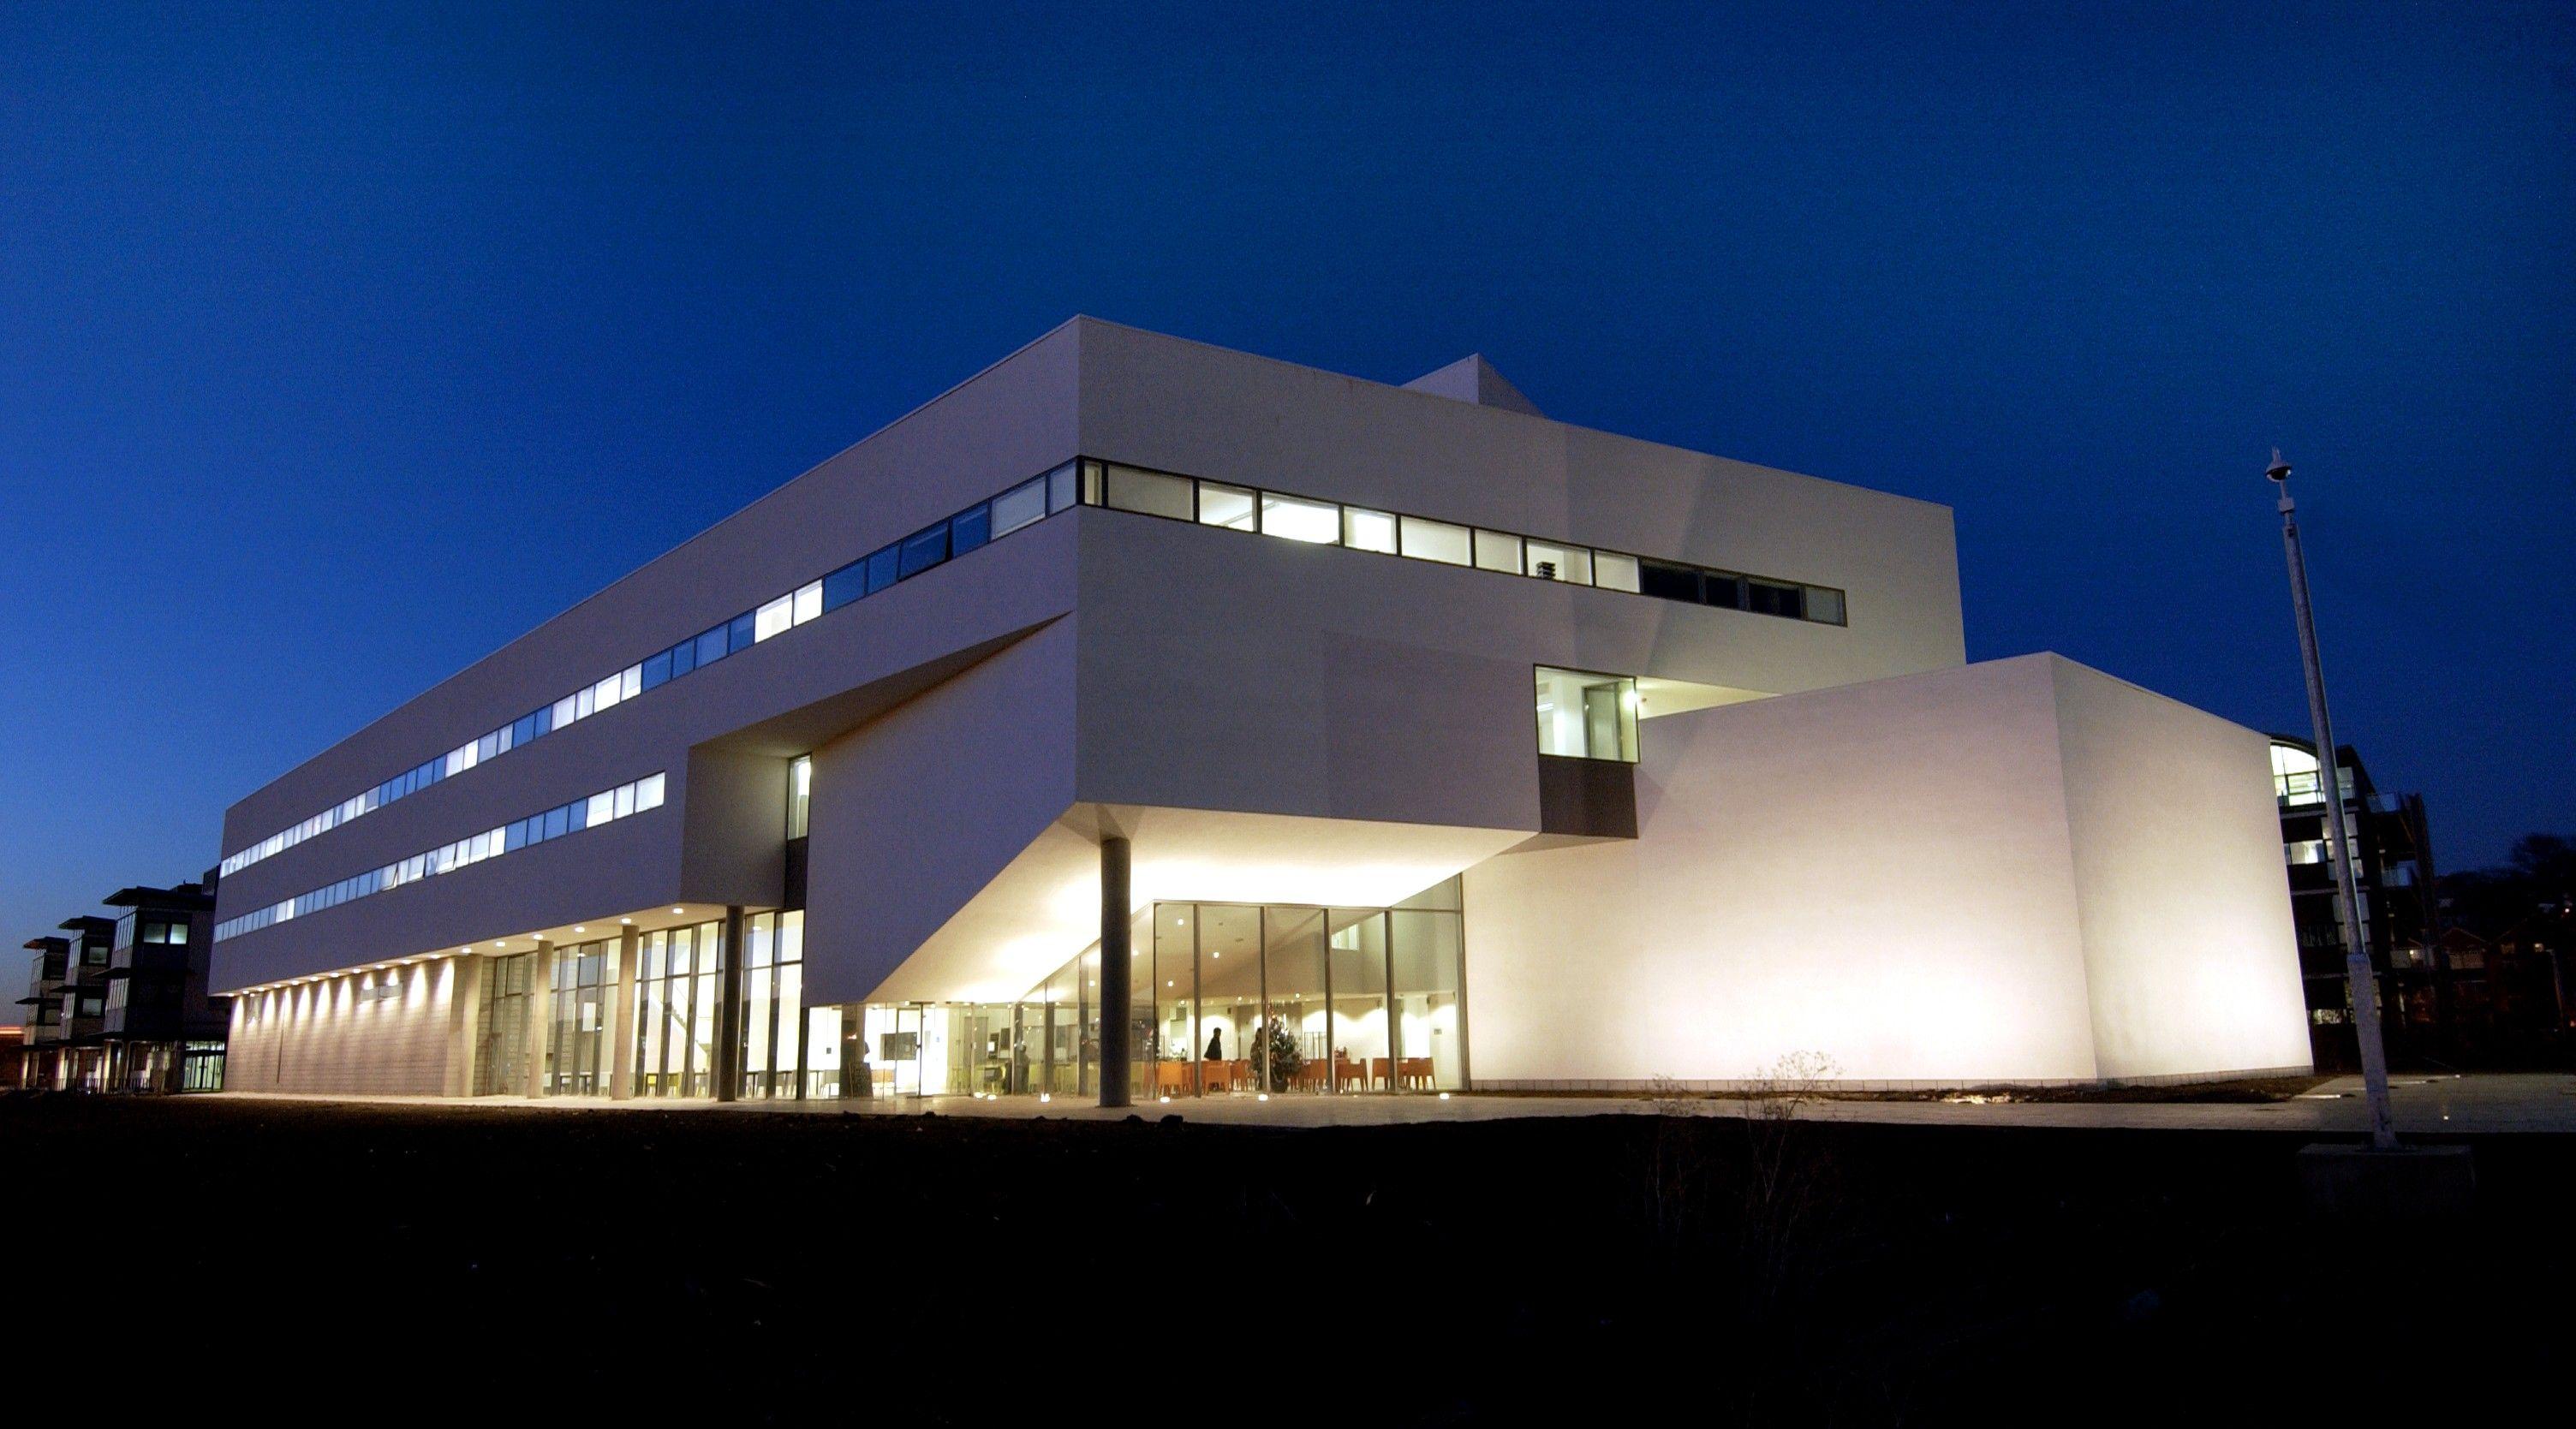 Gentil Architecture Building